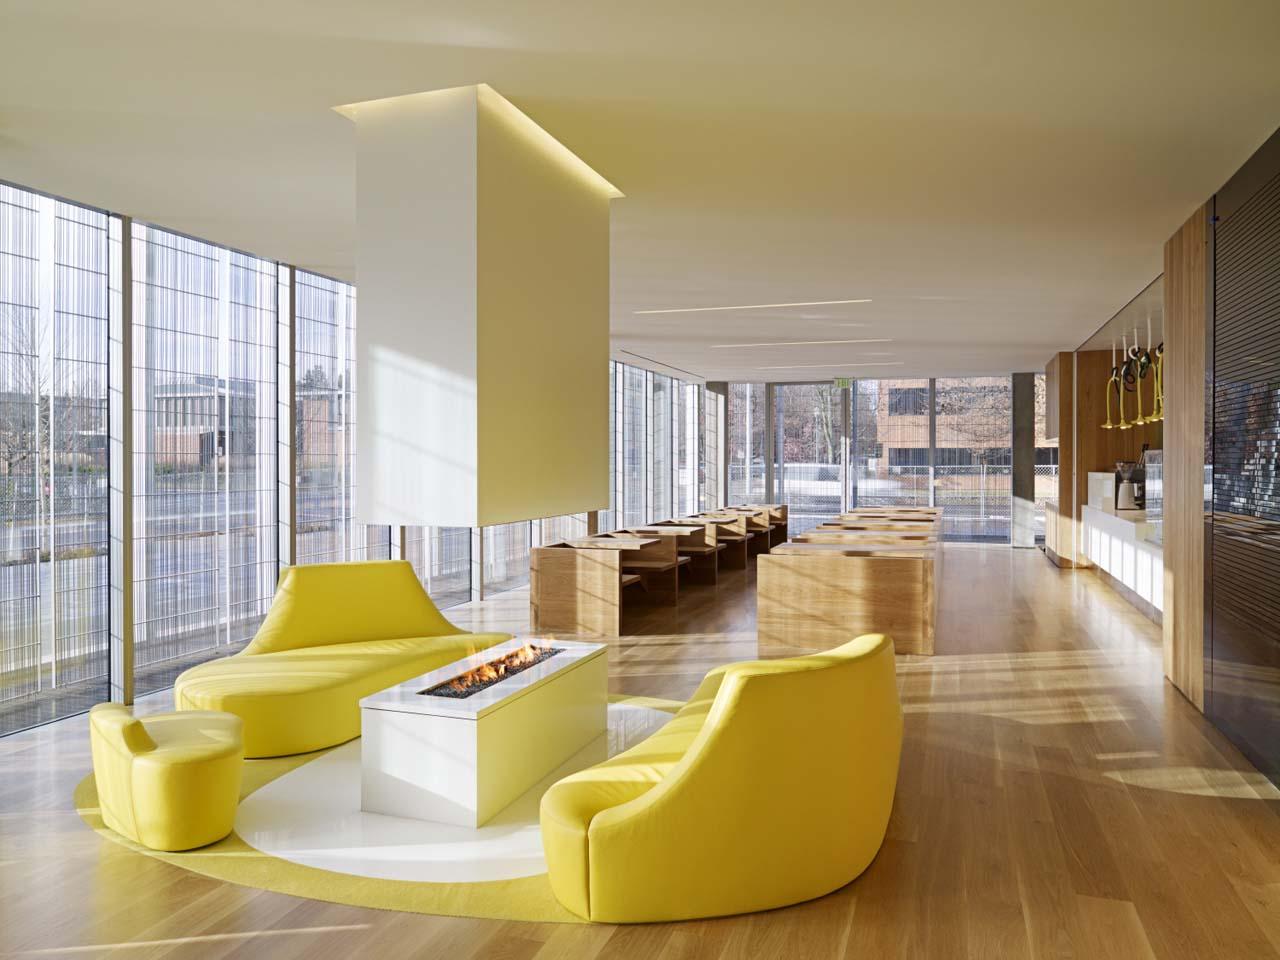 Conference Room Unique Design